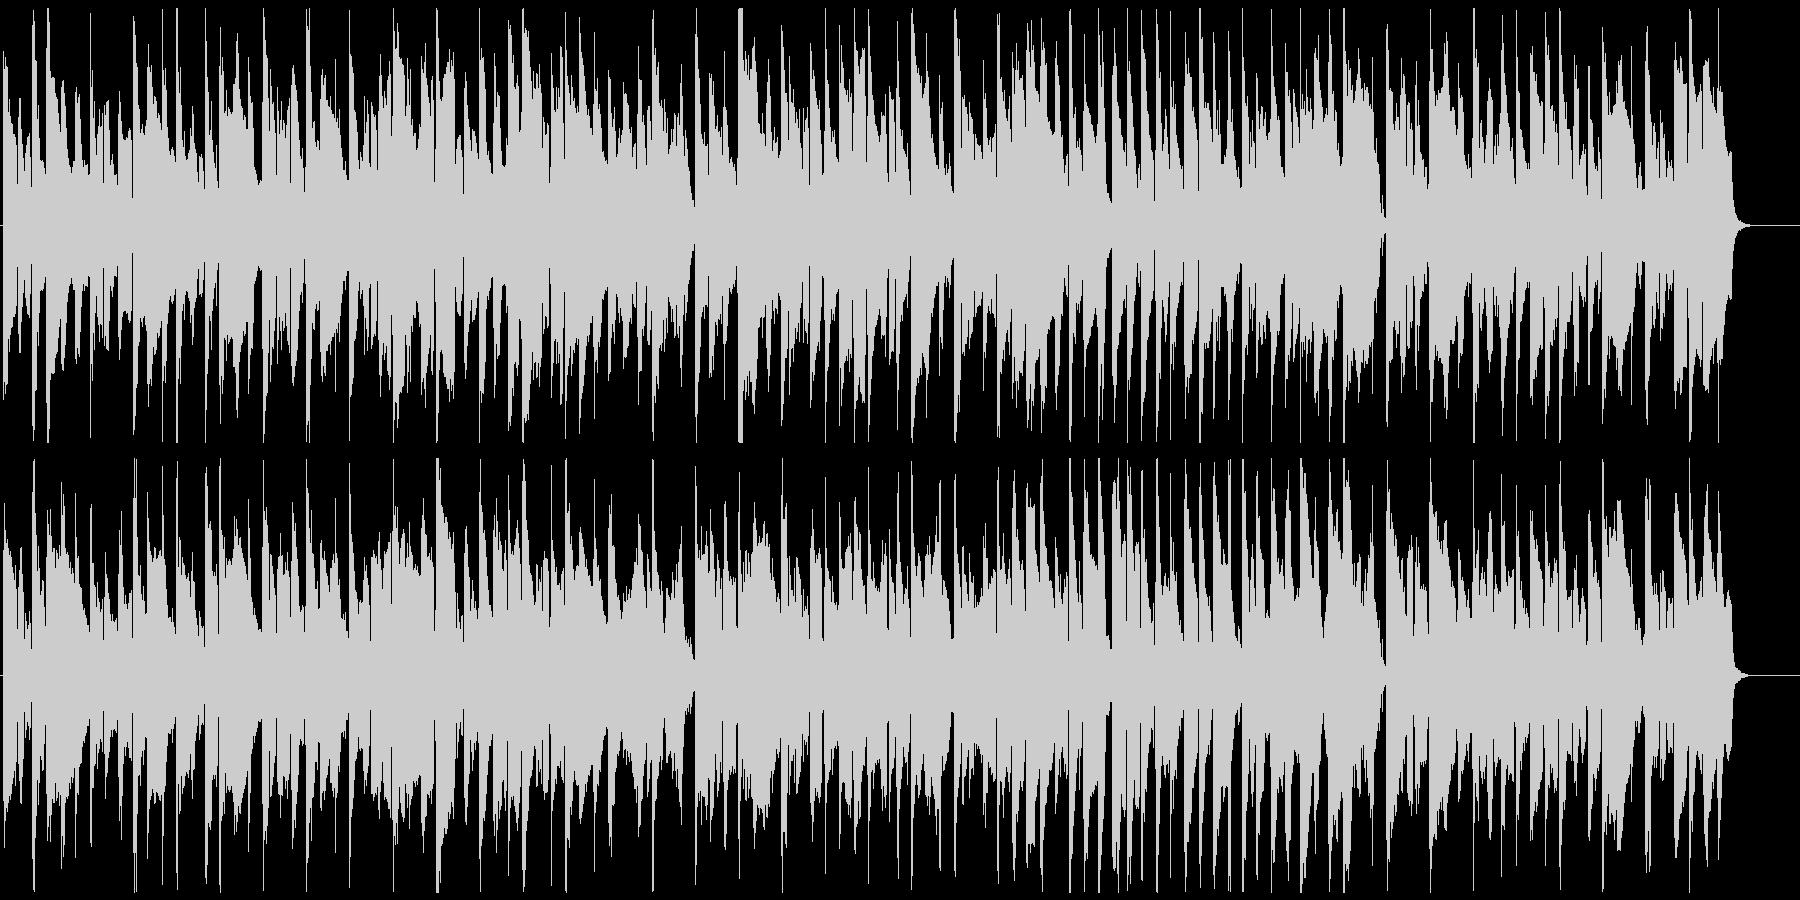 ふにゃふにゃした日常シーン系リコーダー曲の未再生の波形